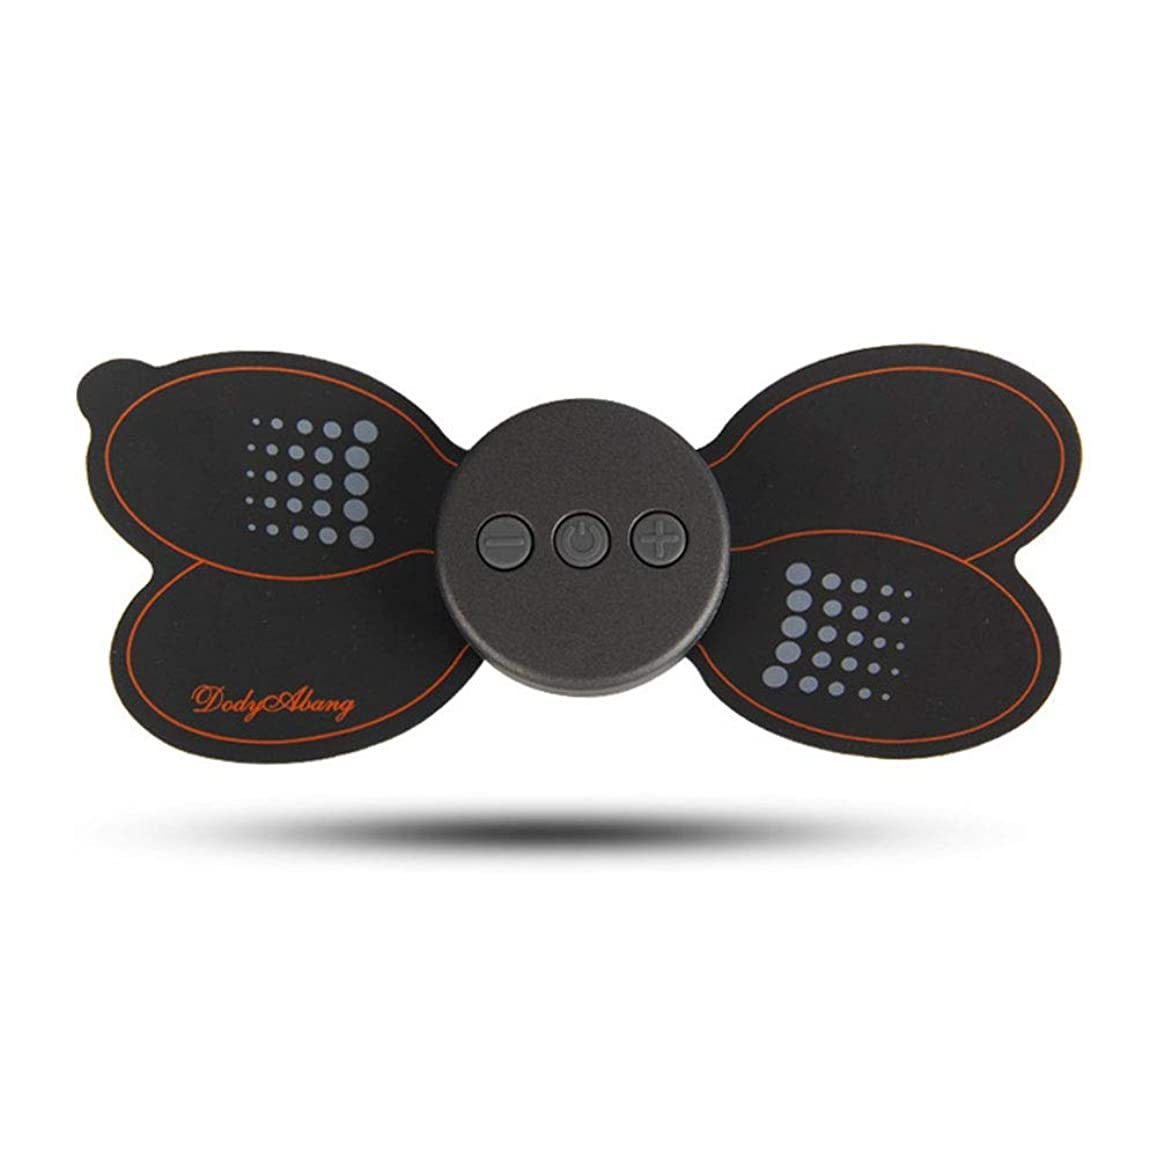 委託短命皮肉なマッサージ頚椎マッサージ器のパルスマッサージマッサージ快適なポータブル多機能ミニポータブルショルダー -体にリラックスします (色 : ブラック, サイズ : 15.5x6.5cm)